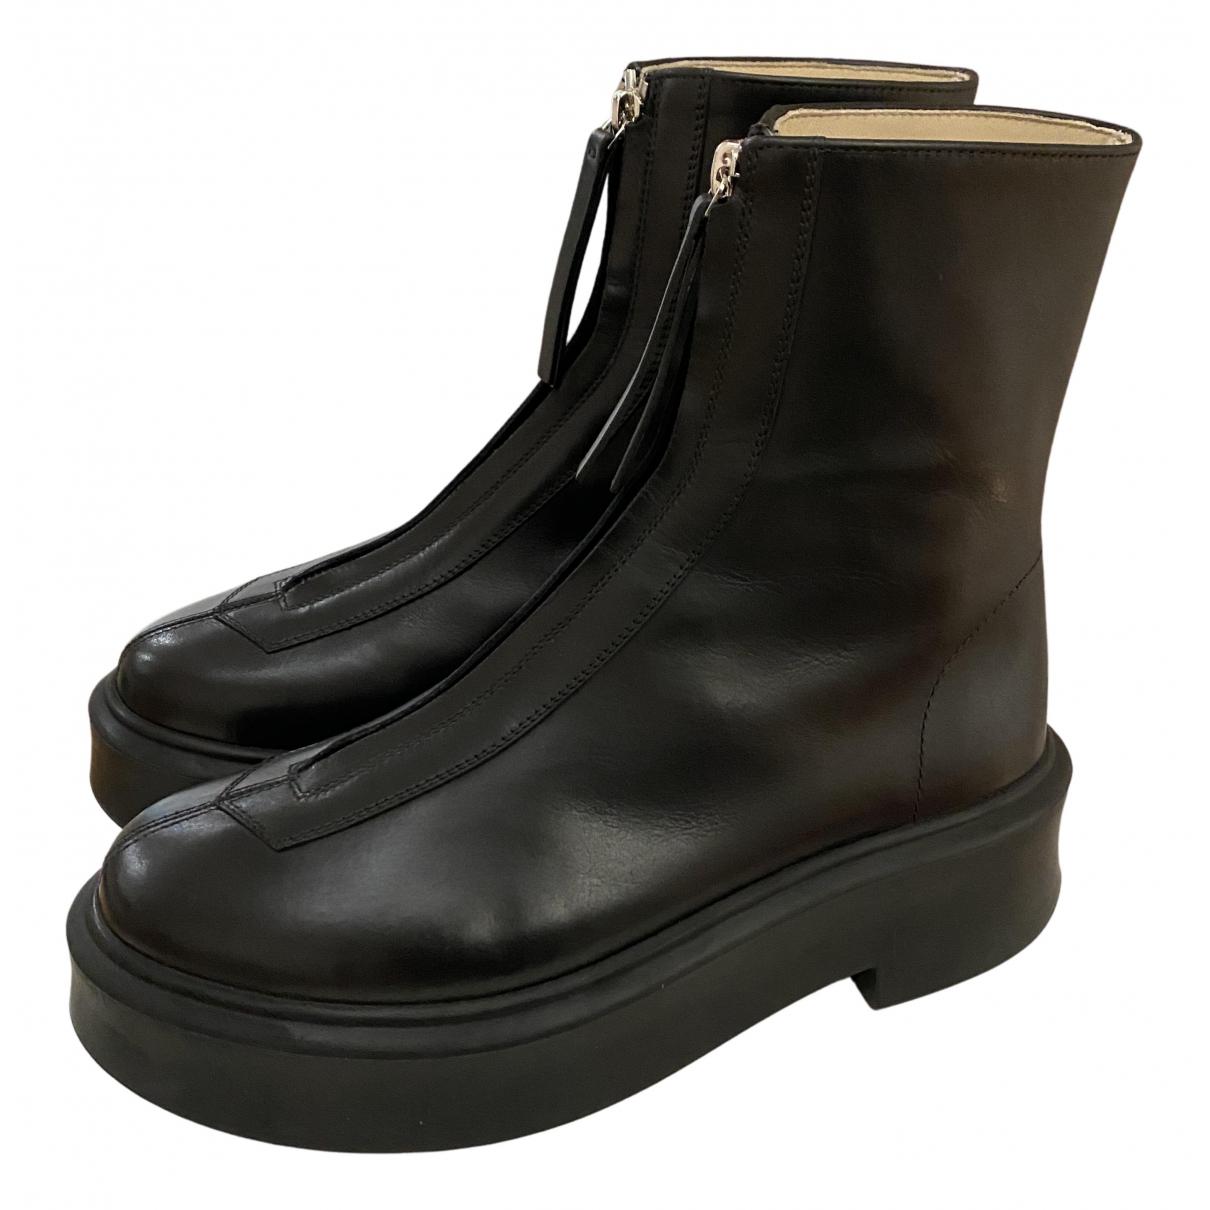 The Row - Bottes Zipped 1 pour femme en cuir - noir